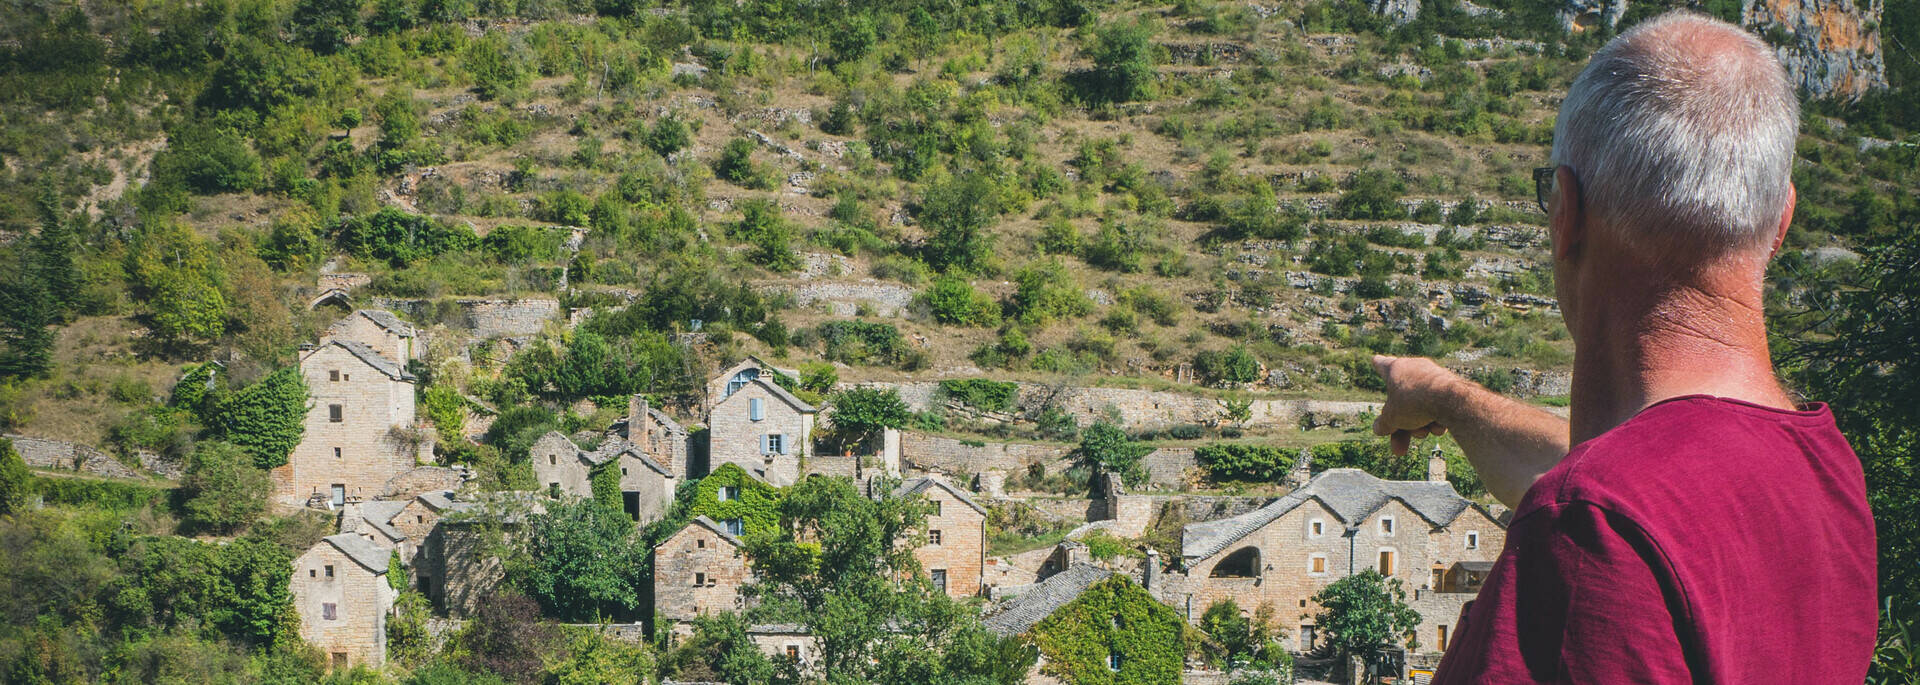 Hameau de Hauterives, rive gauche des gorges du Tarn